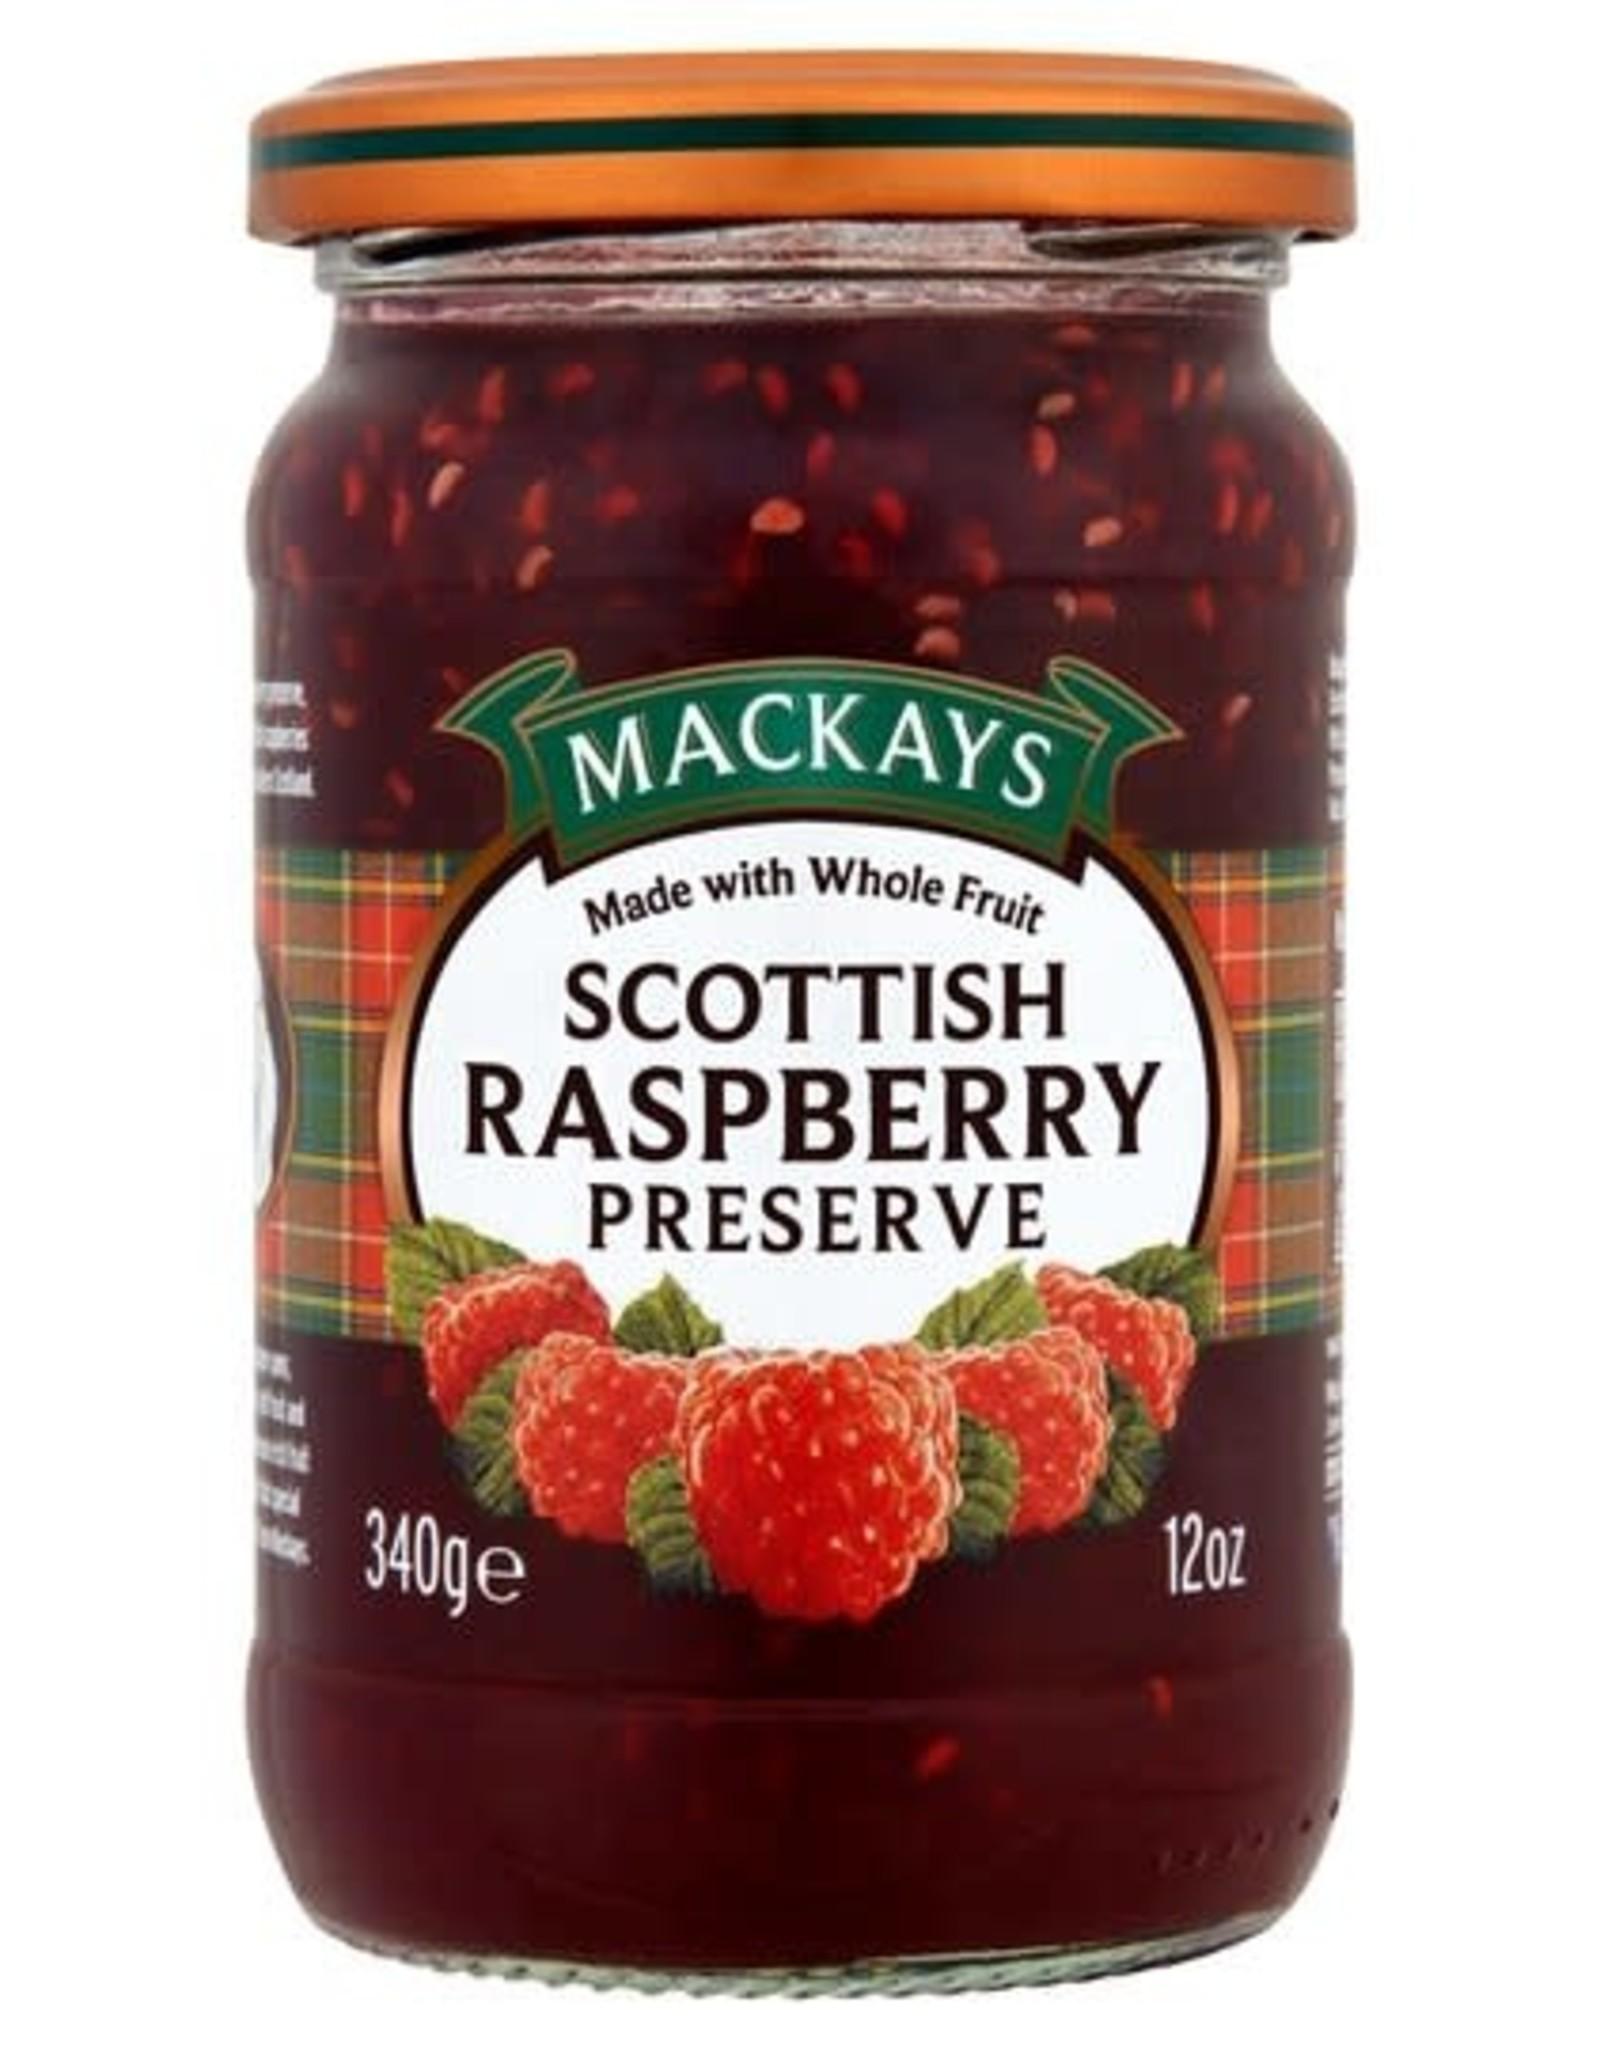 Mackays Mackay's Scottish Raspberry Preserve